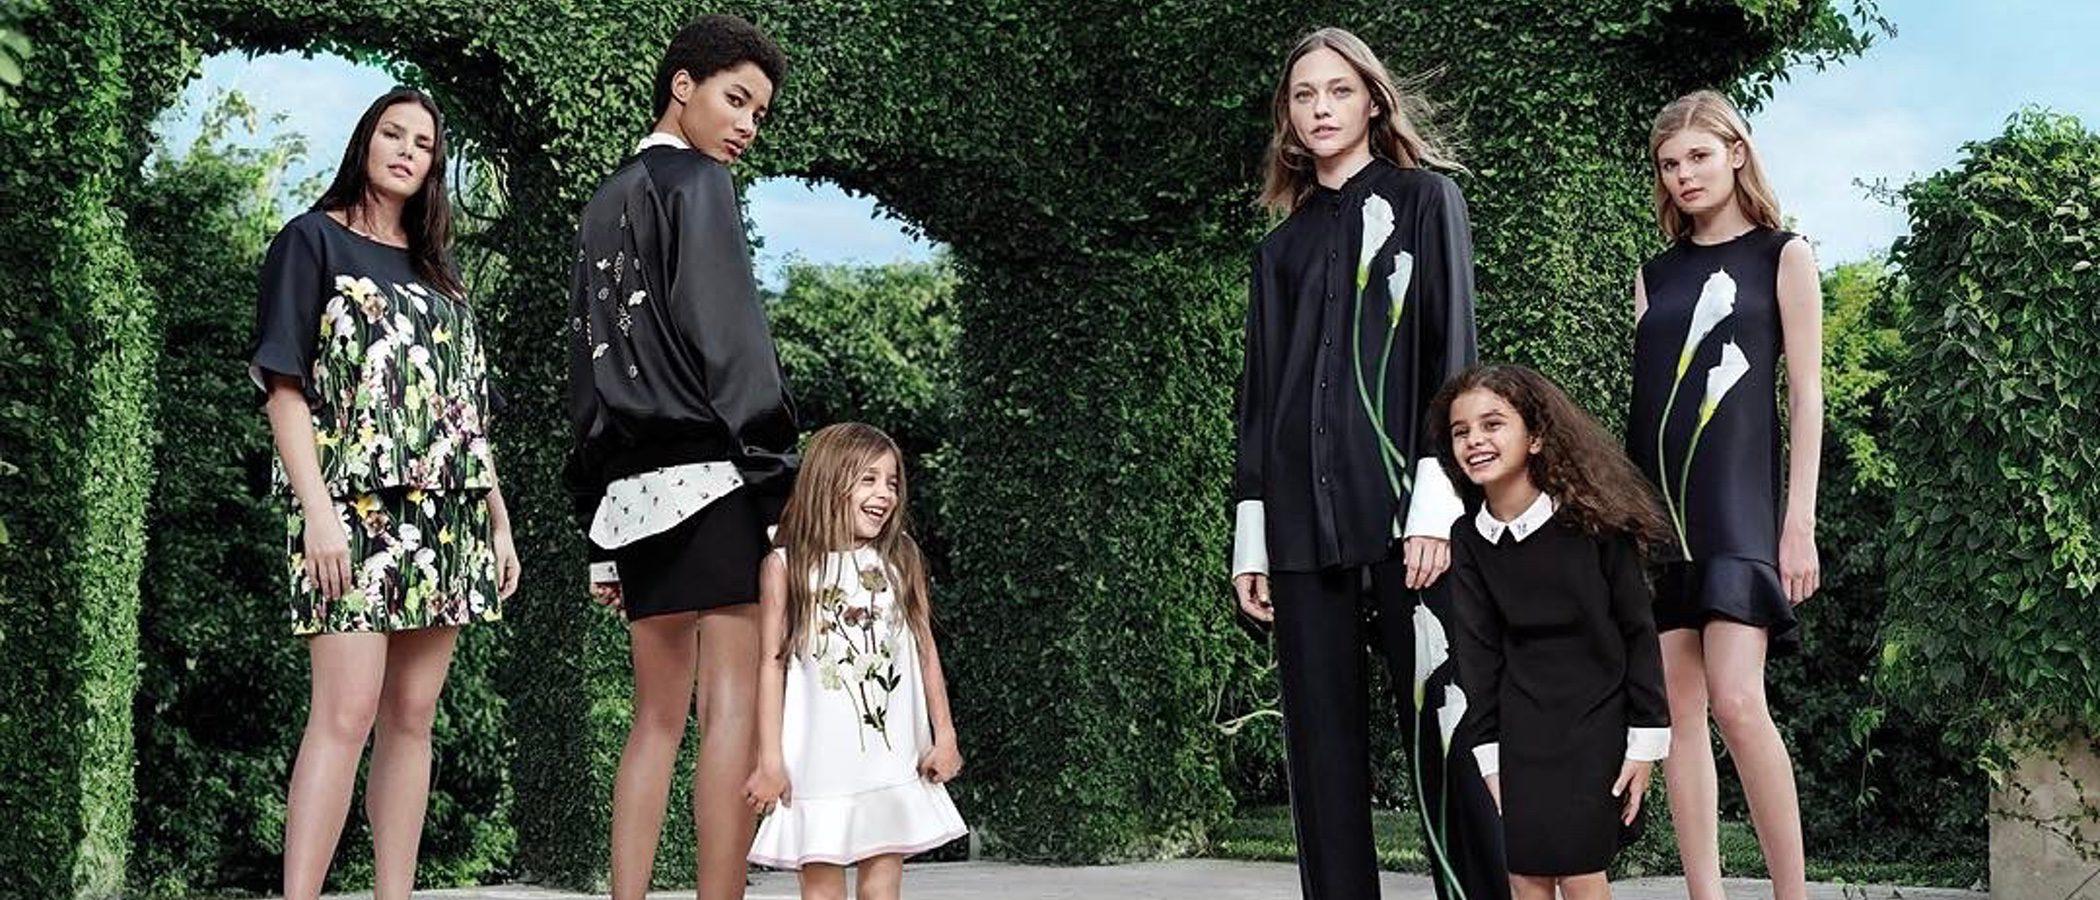 Victoria Beckham adelanta detalles de su colección con Target con un homenaje a las Spice Girls